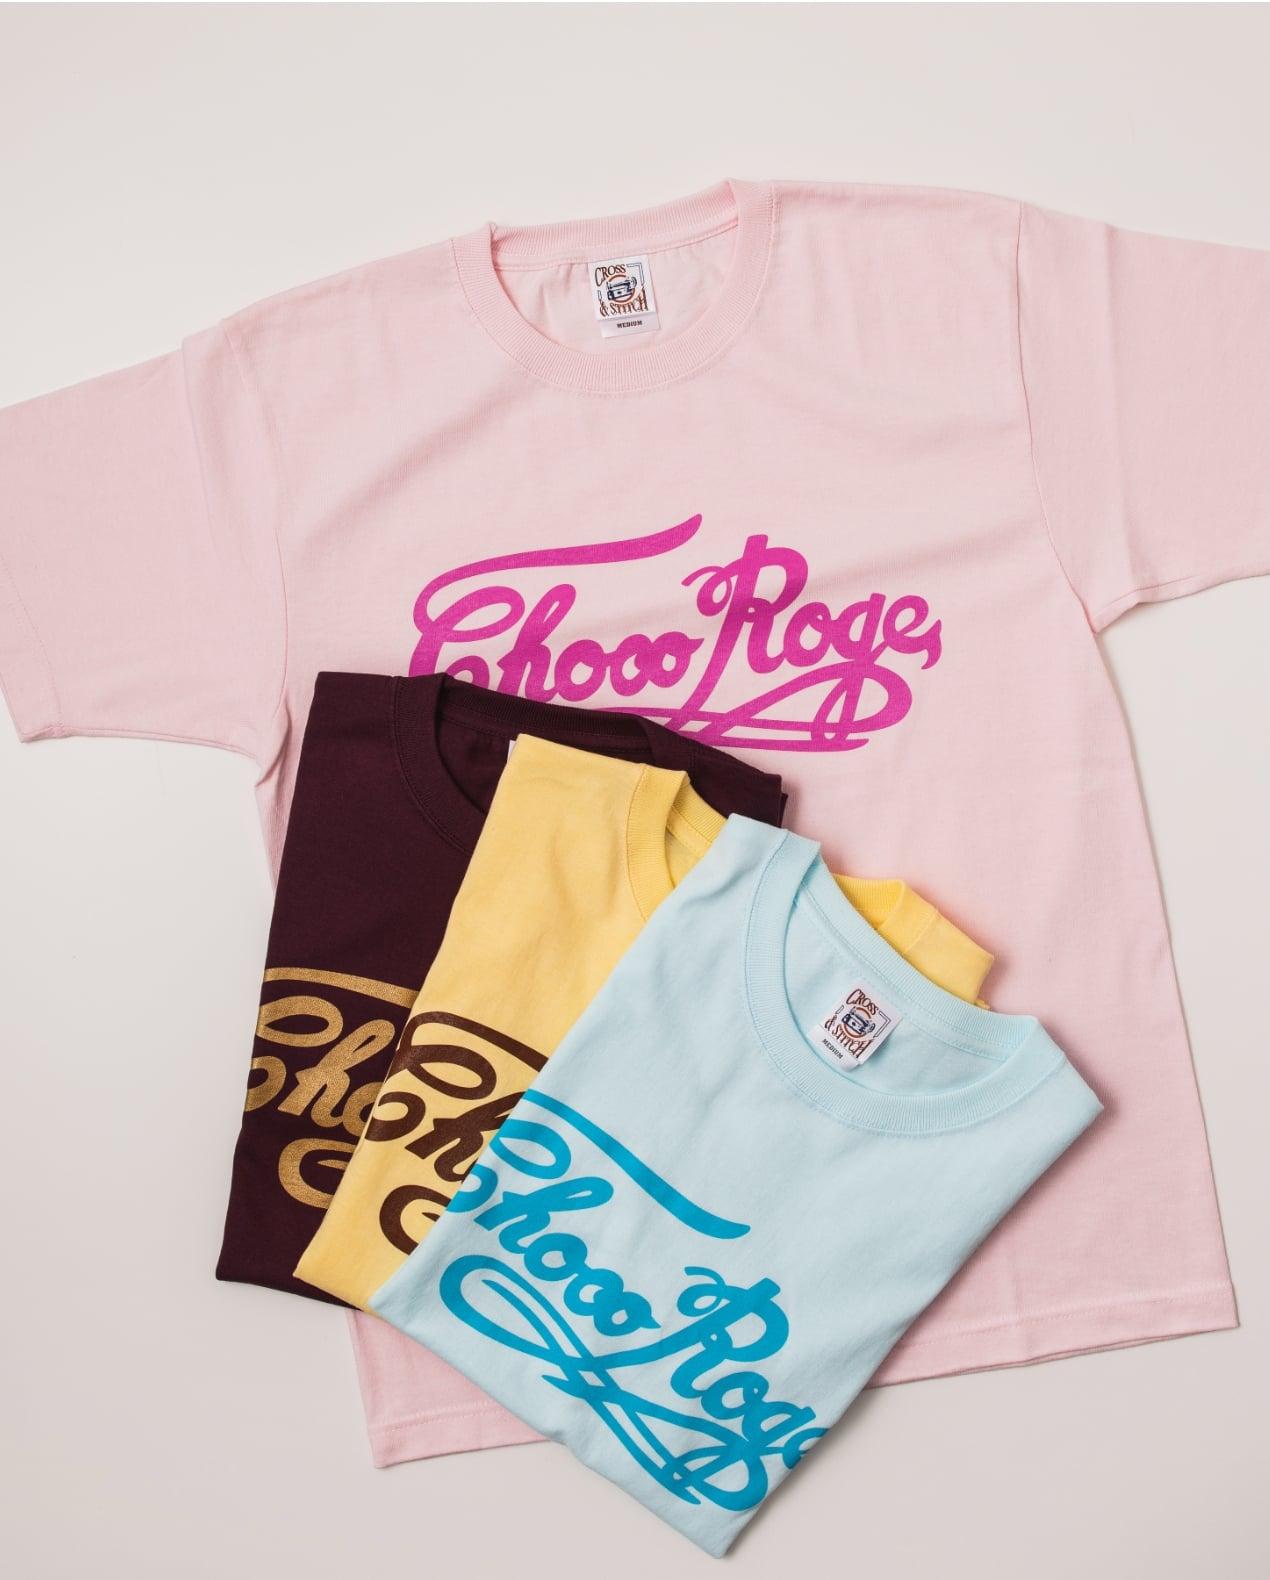 Tシャツ 子供用 水色 サイズ140